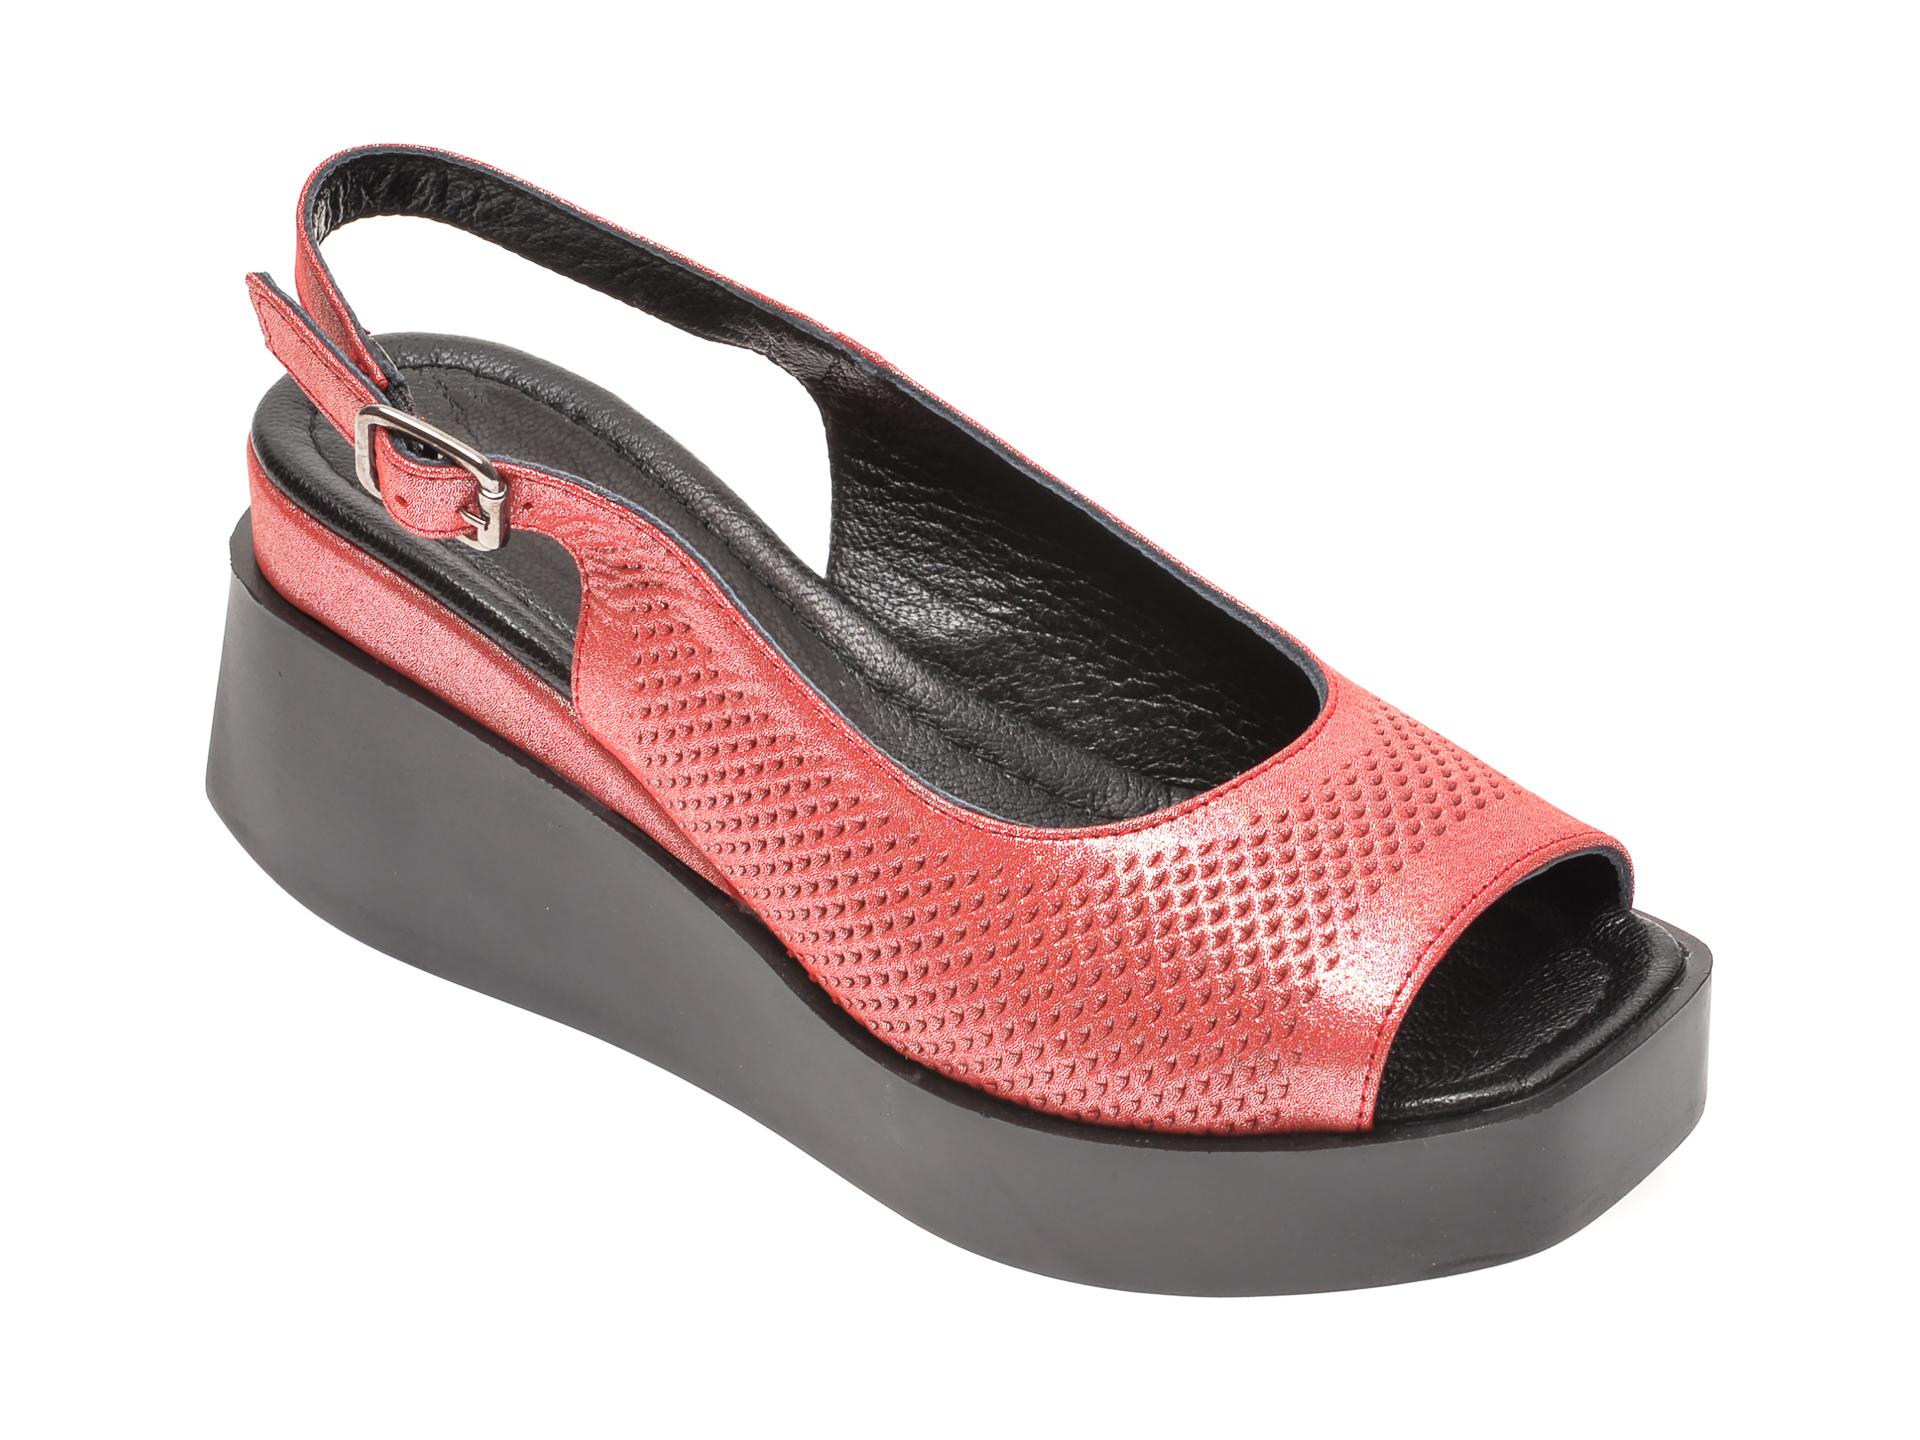 Sandale FLAVIA PASSINI rosii, 604, din piele naturala